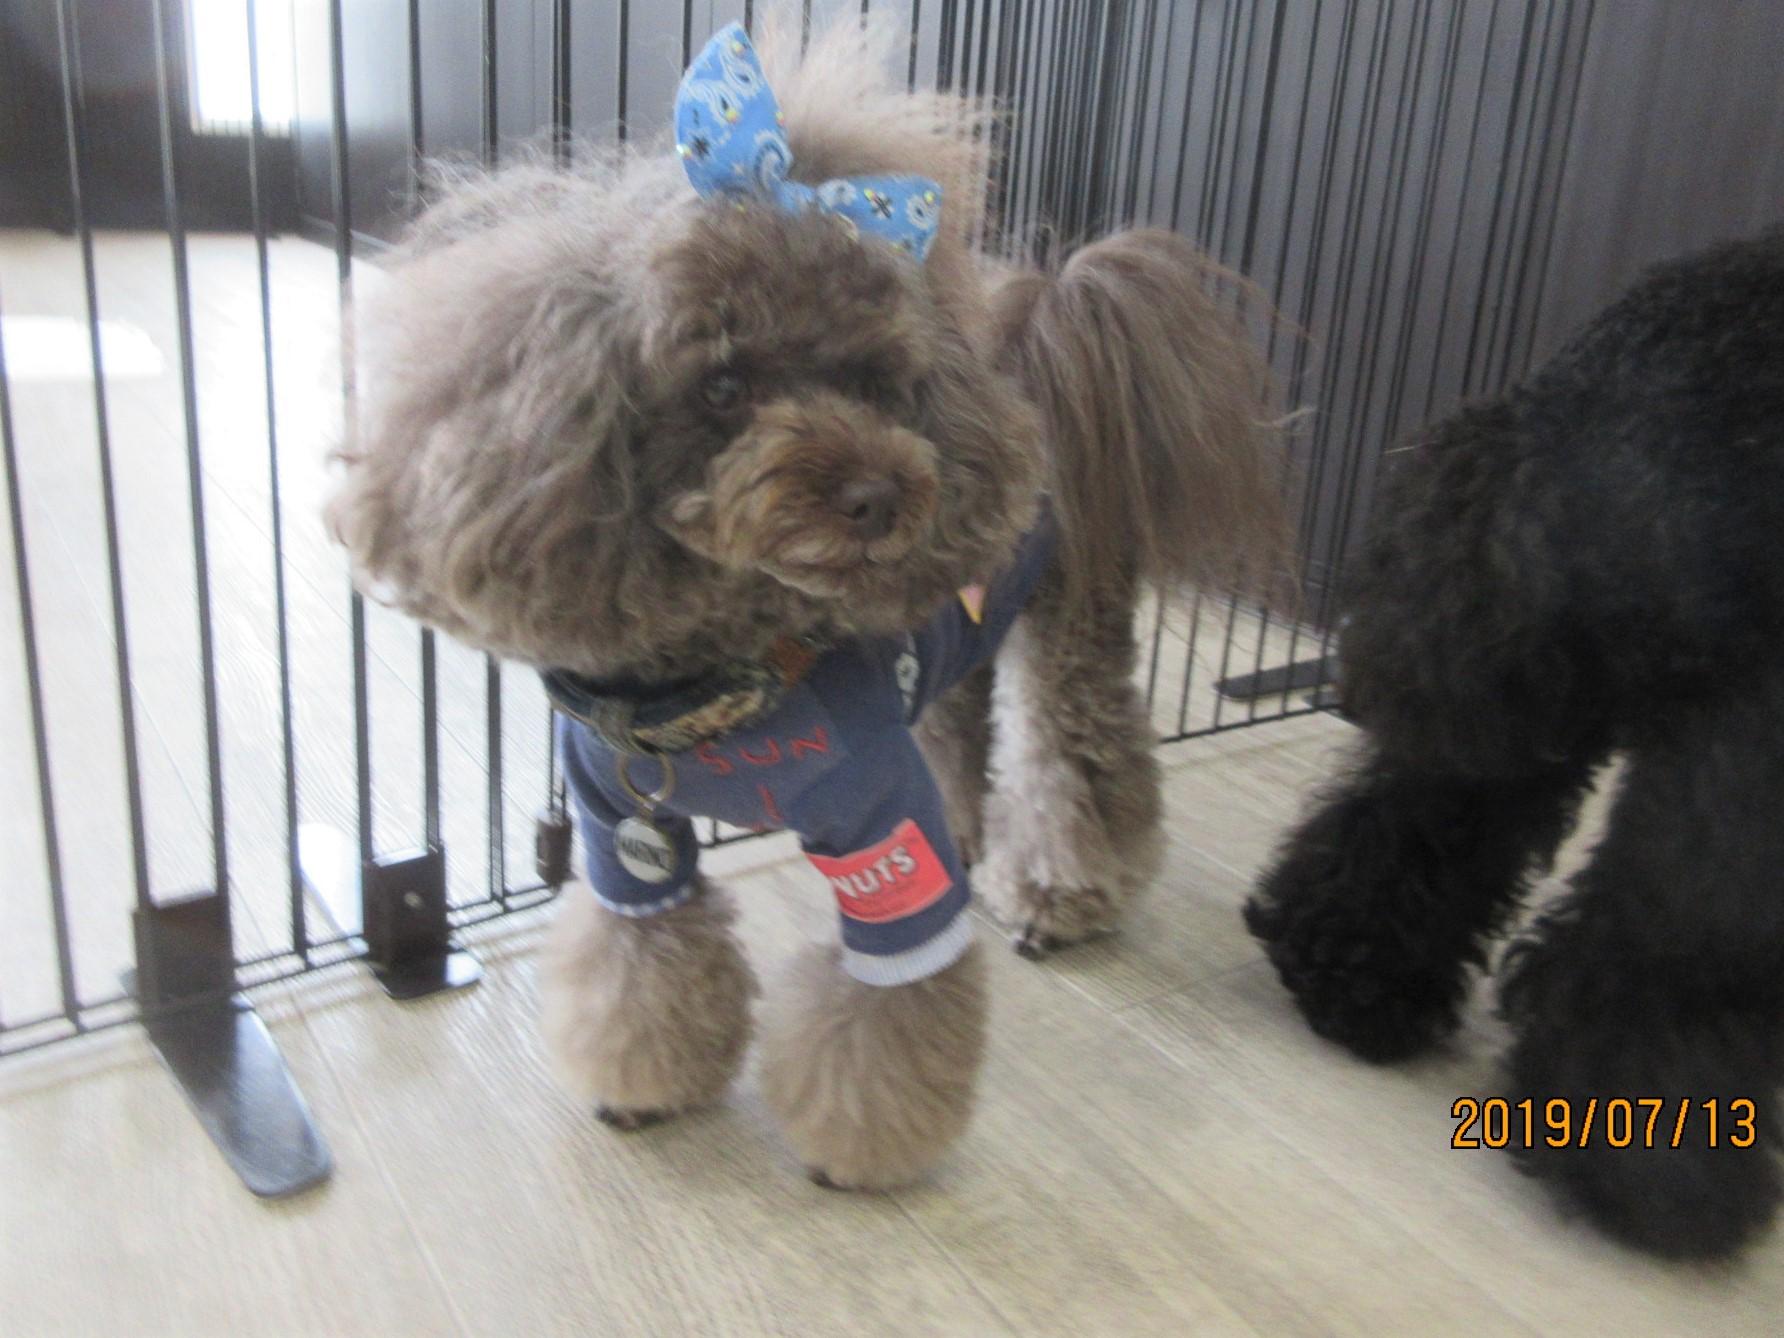 マリノちゃん(通称マリちゃん)・犬の保育園Baby・犬・犬のしつけ・犬の社会化